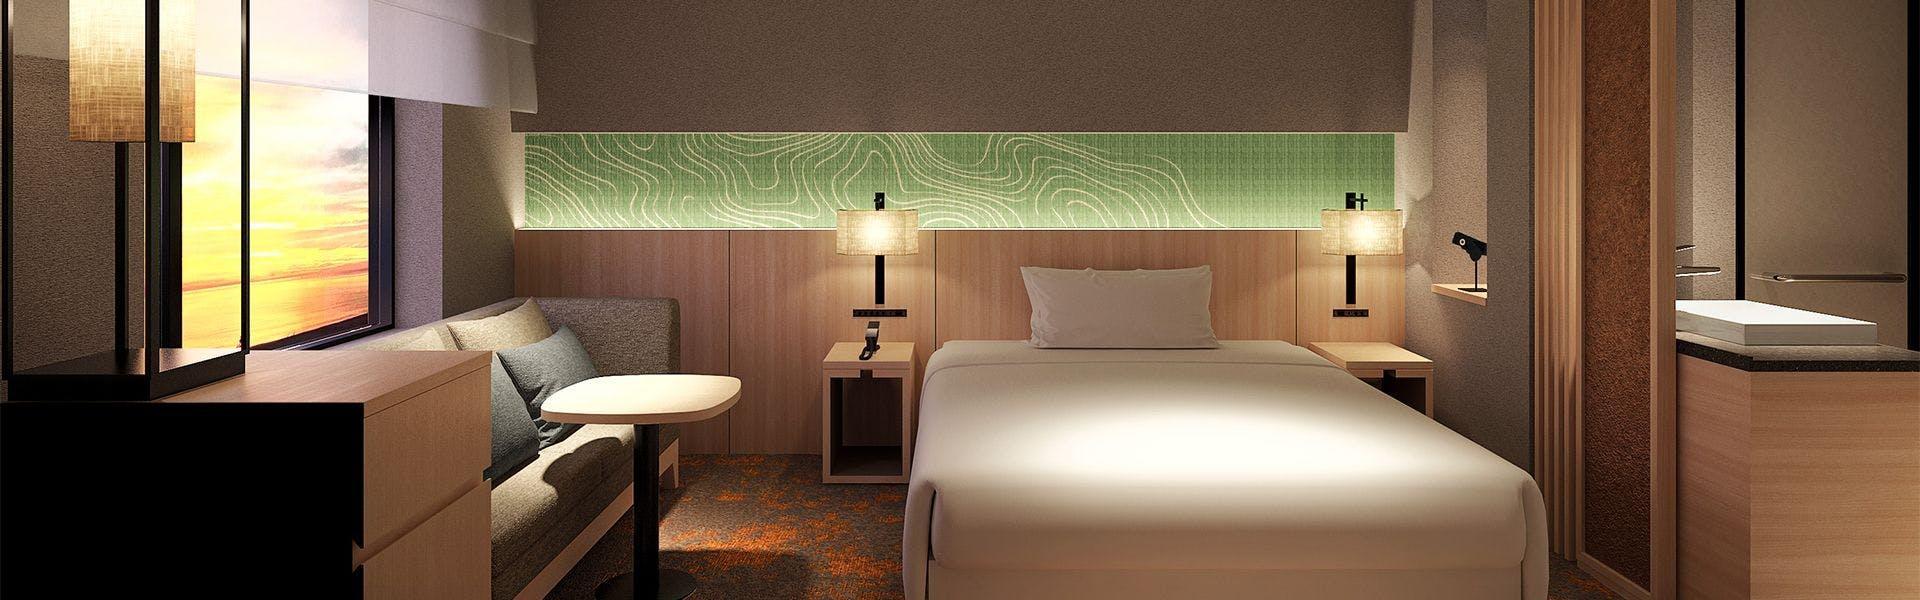 記念日におすすめのホテル・THE BLOSSOM KUMAMOTO(ザ ブラッサム 熊本)の写真3